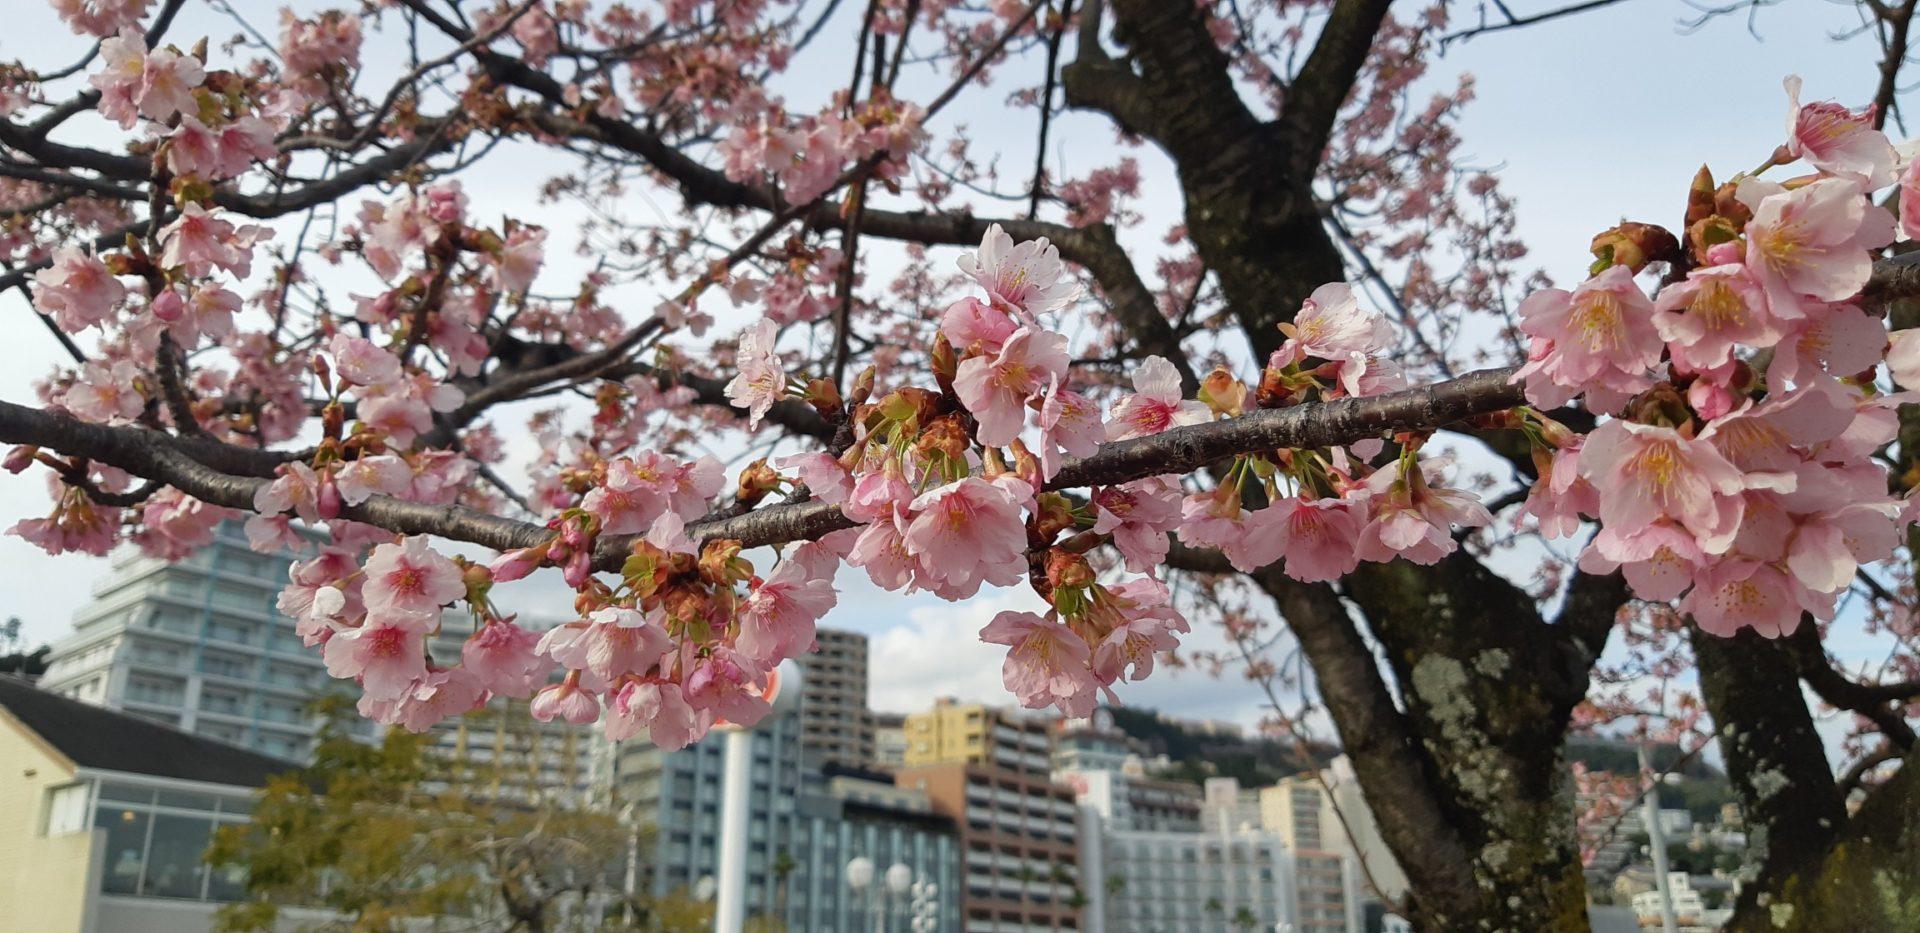 熱海の『大寒桜』がそろそろ見ごろ迎えでいます。